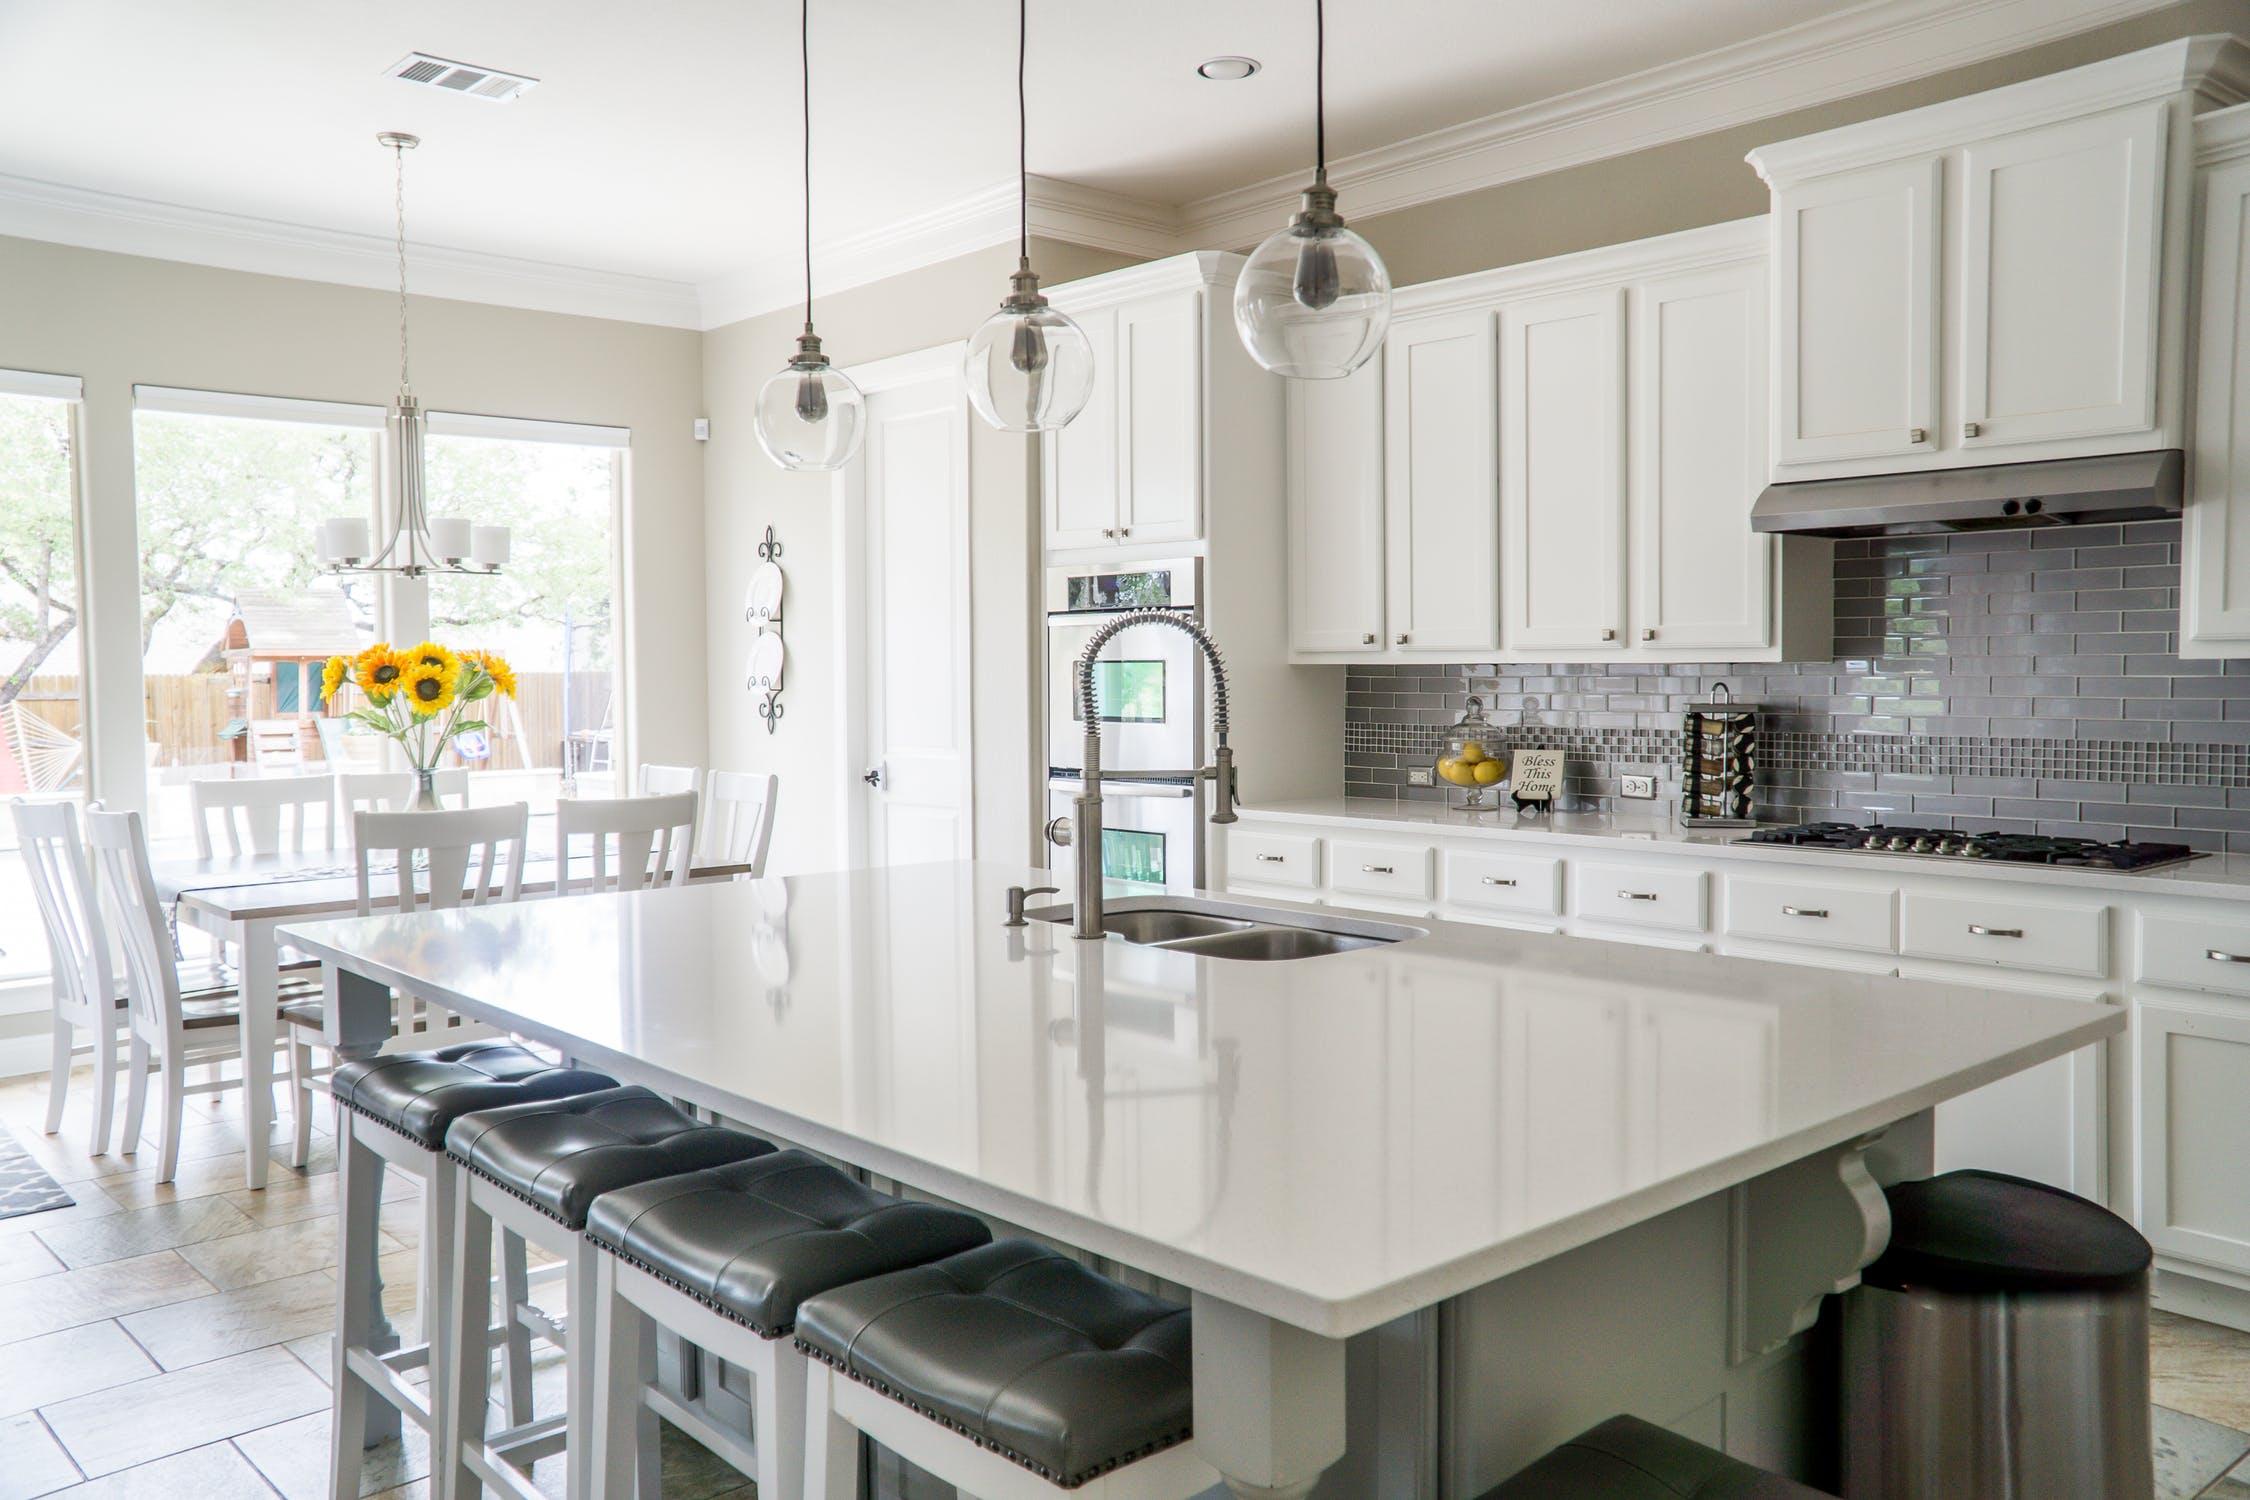 Et minimalistisk, hvidt køkken